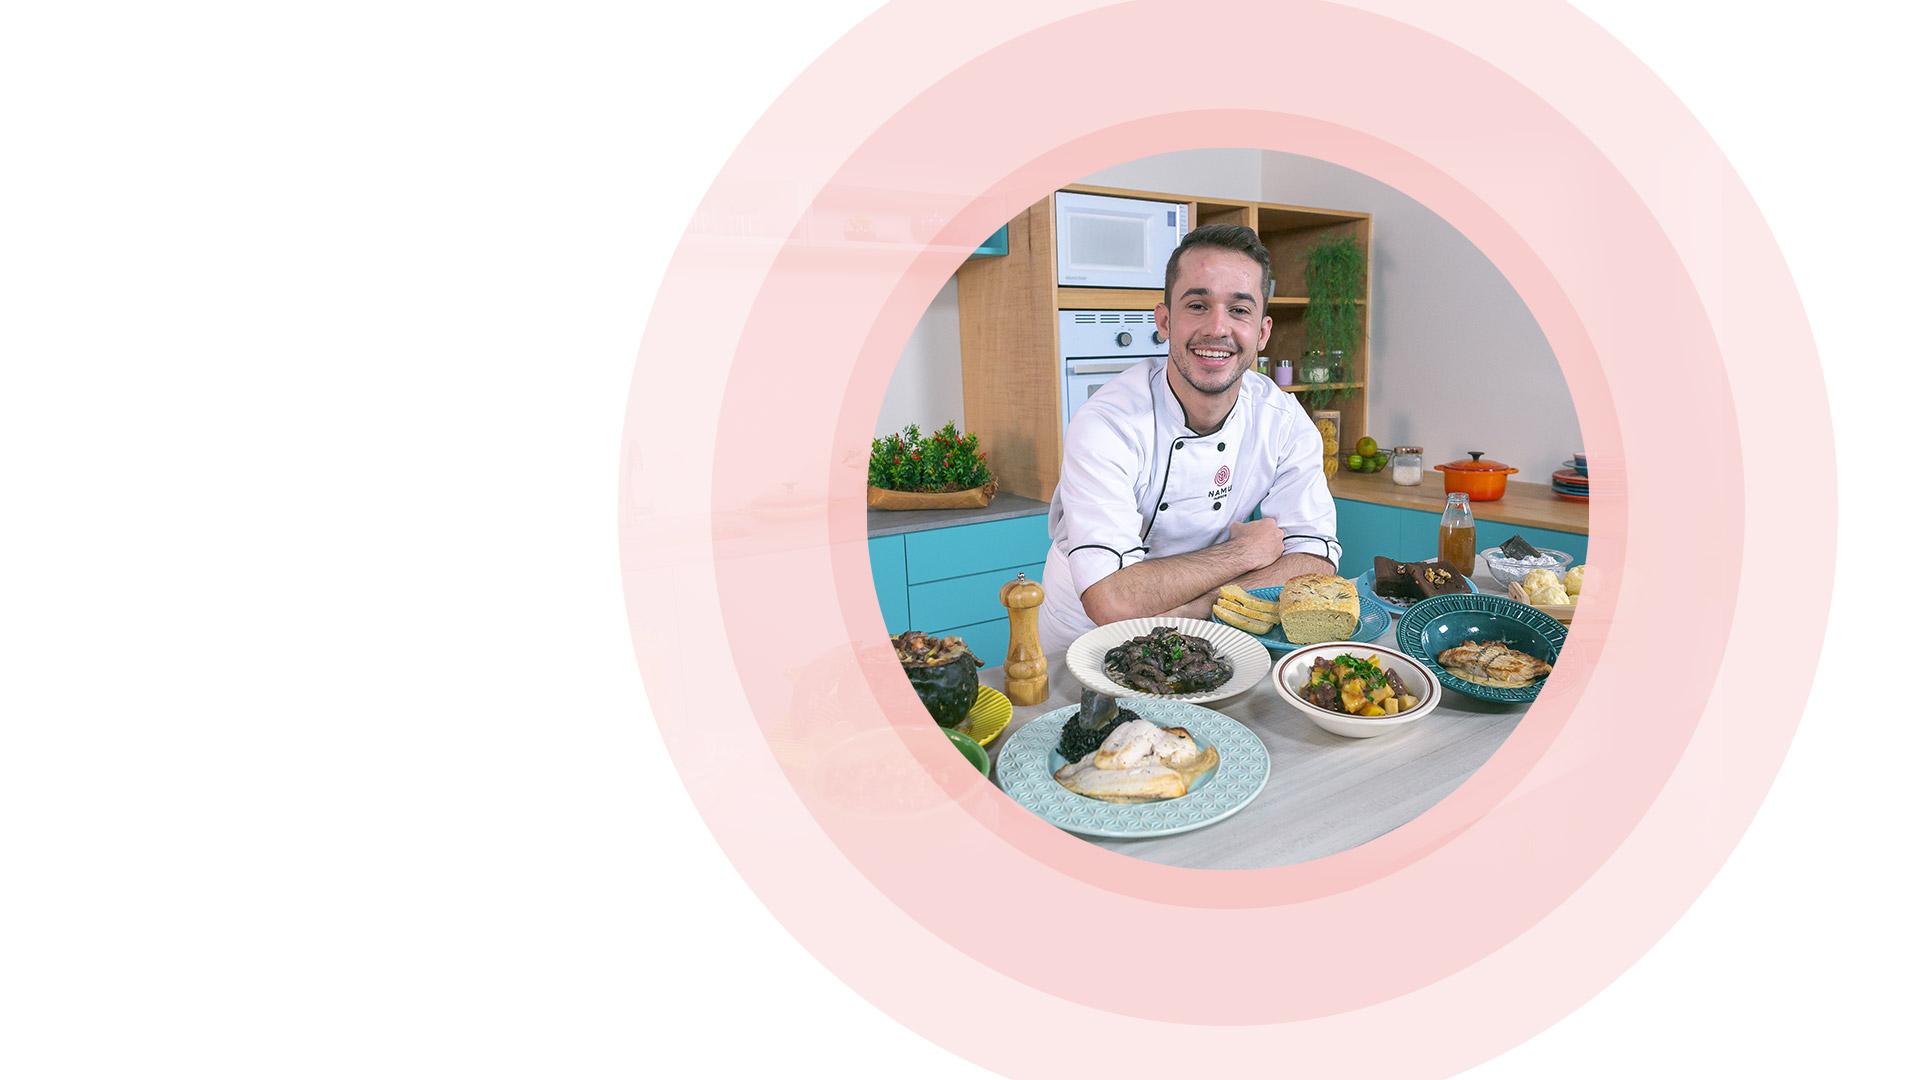 Cardápio Funcional Completo: alimentos que nutrem e regulam o organismo